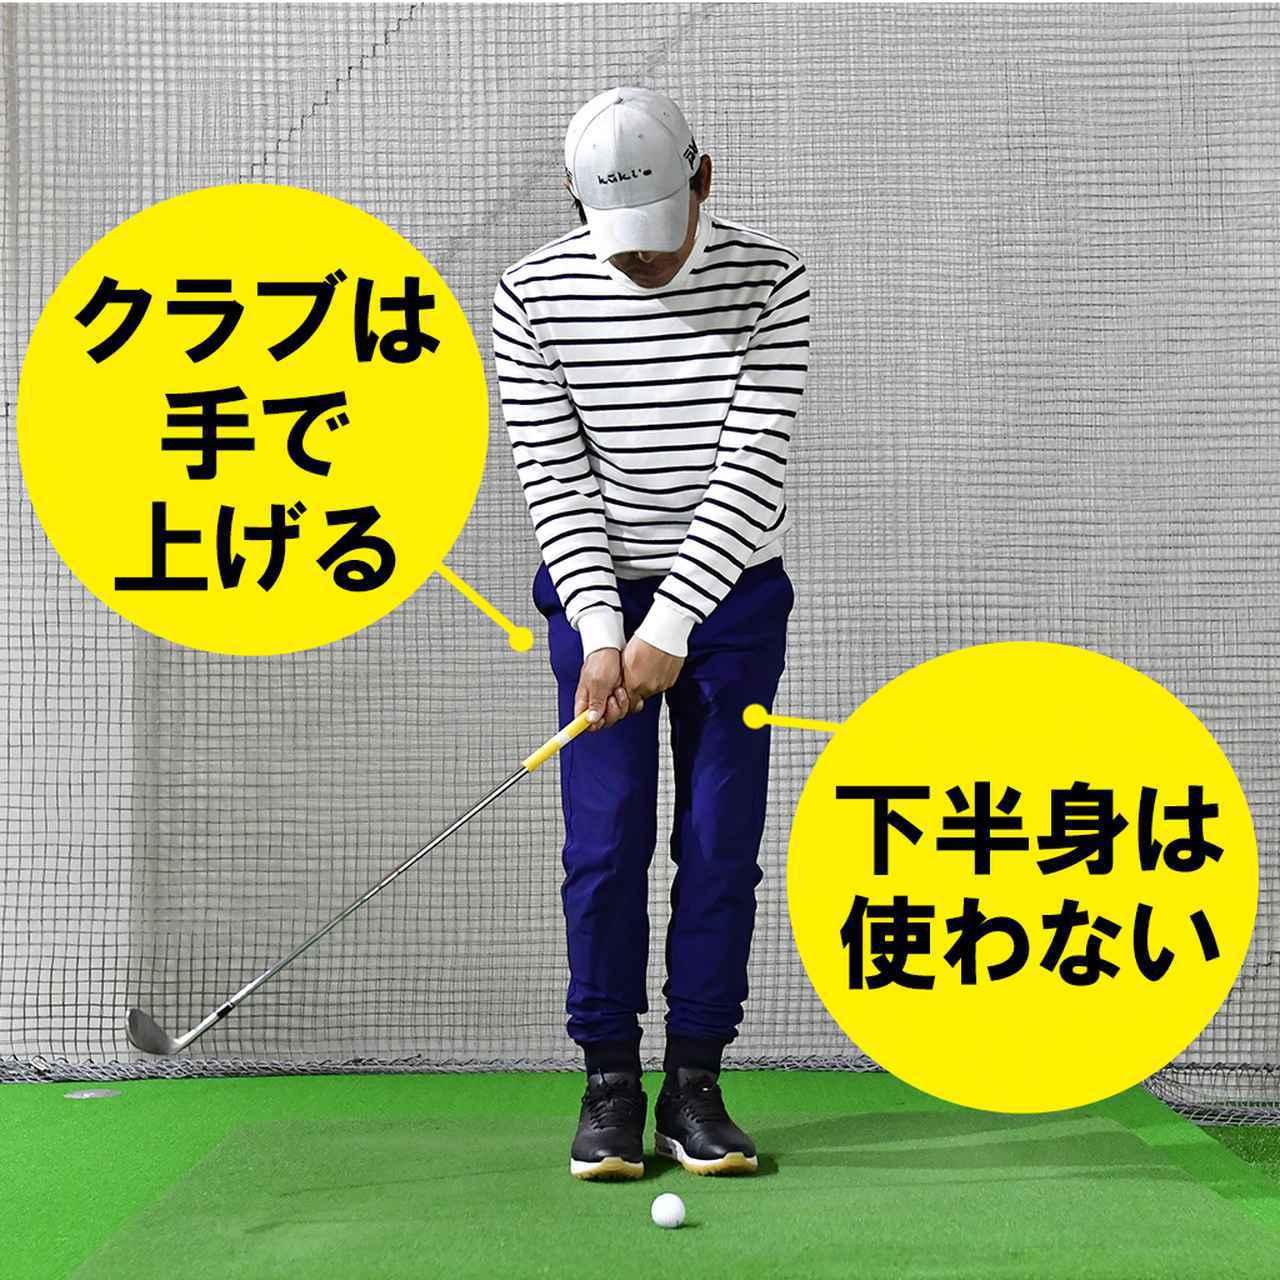 画像2: 【自宅練習】コロナ&梅雨の今こそ、自宅でスウィング作り。キャリー1㍎のショット練習